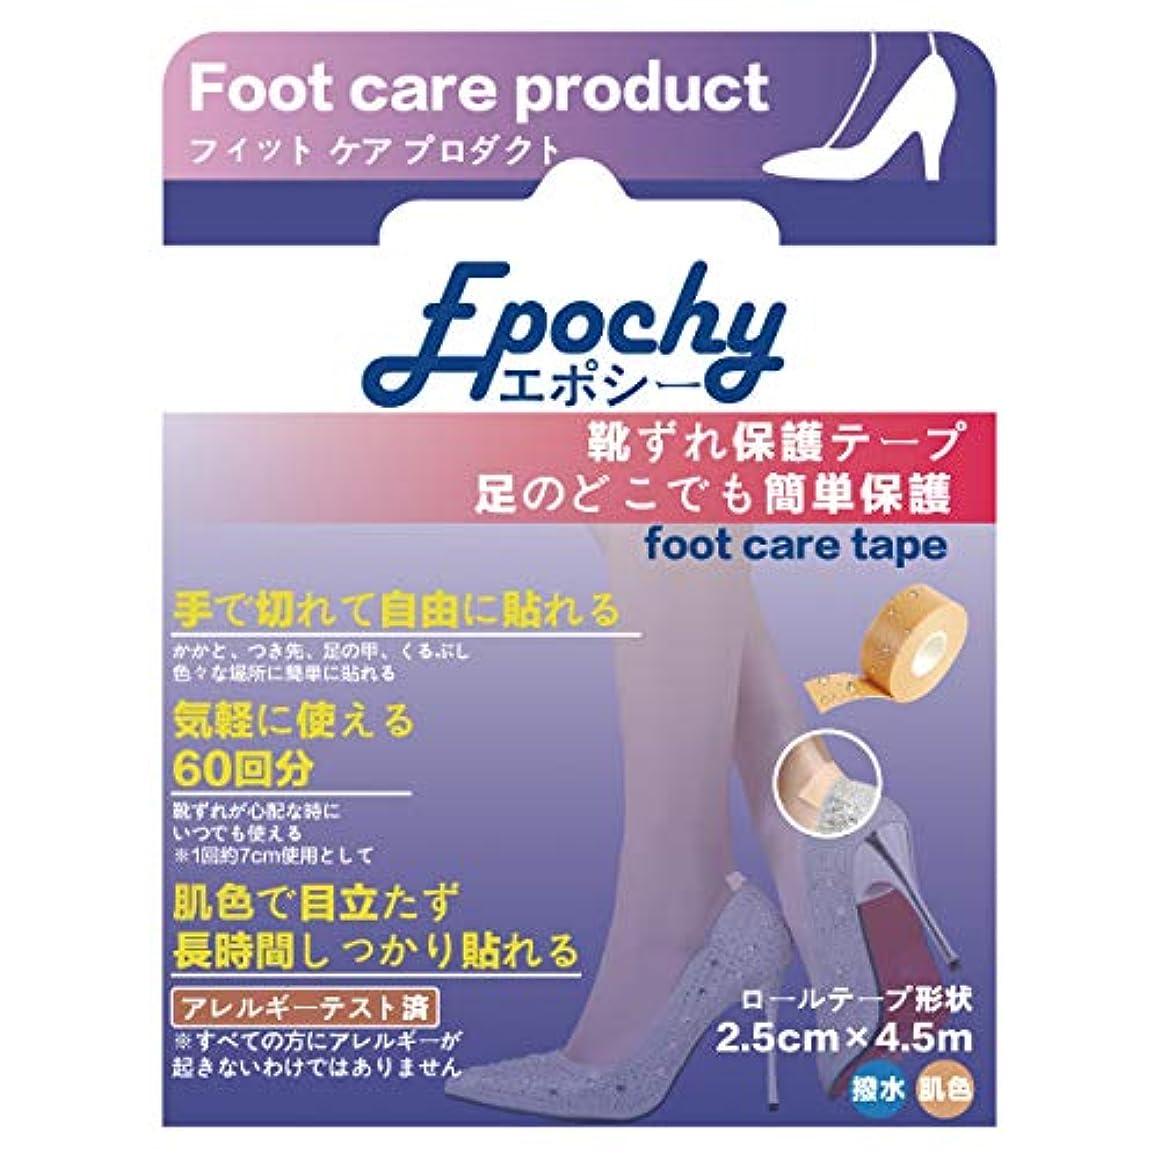 あそこ毛皮ワックスエポシー™ 靴ずれ保護テープ 4.5M ロールテープ形状 強力 透明 肌用 皮膚に優しい 汗や水にも強い